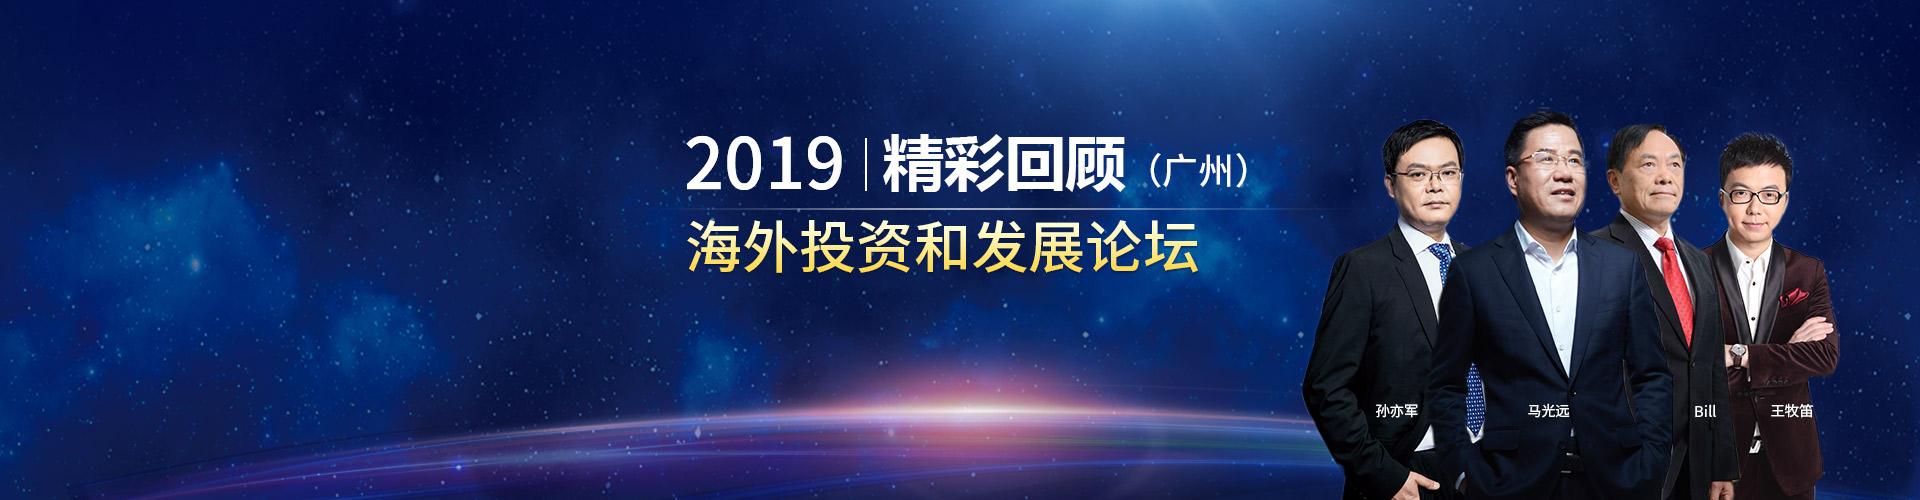 2019海外投资和发展论坛(广州站)精彩回顾